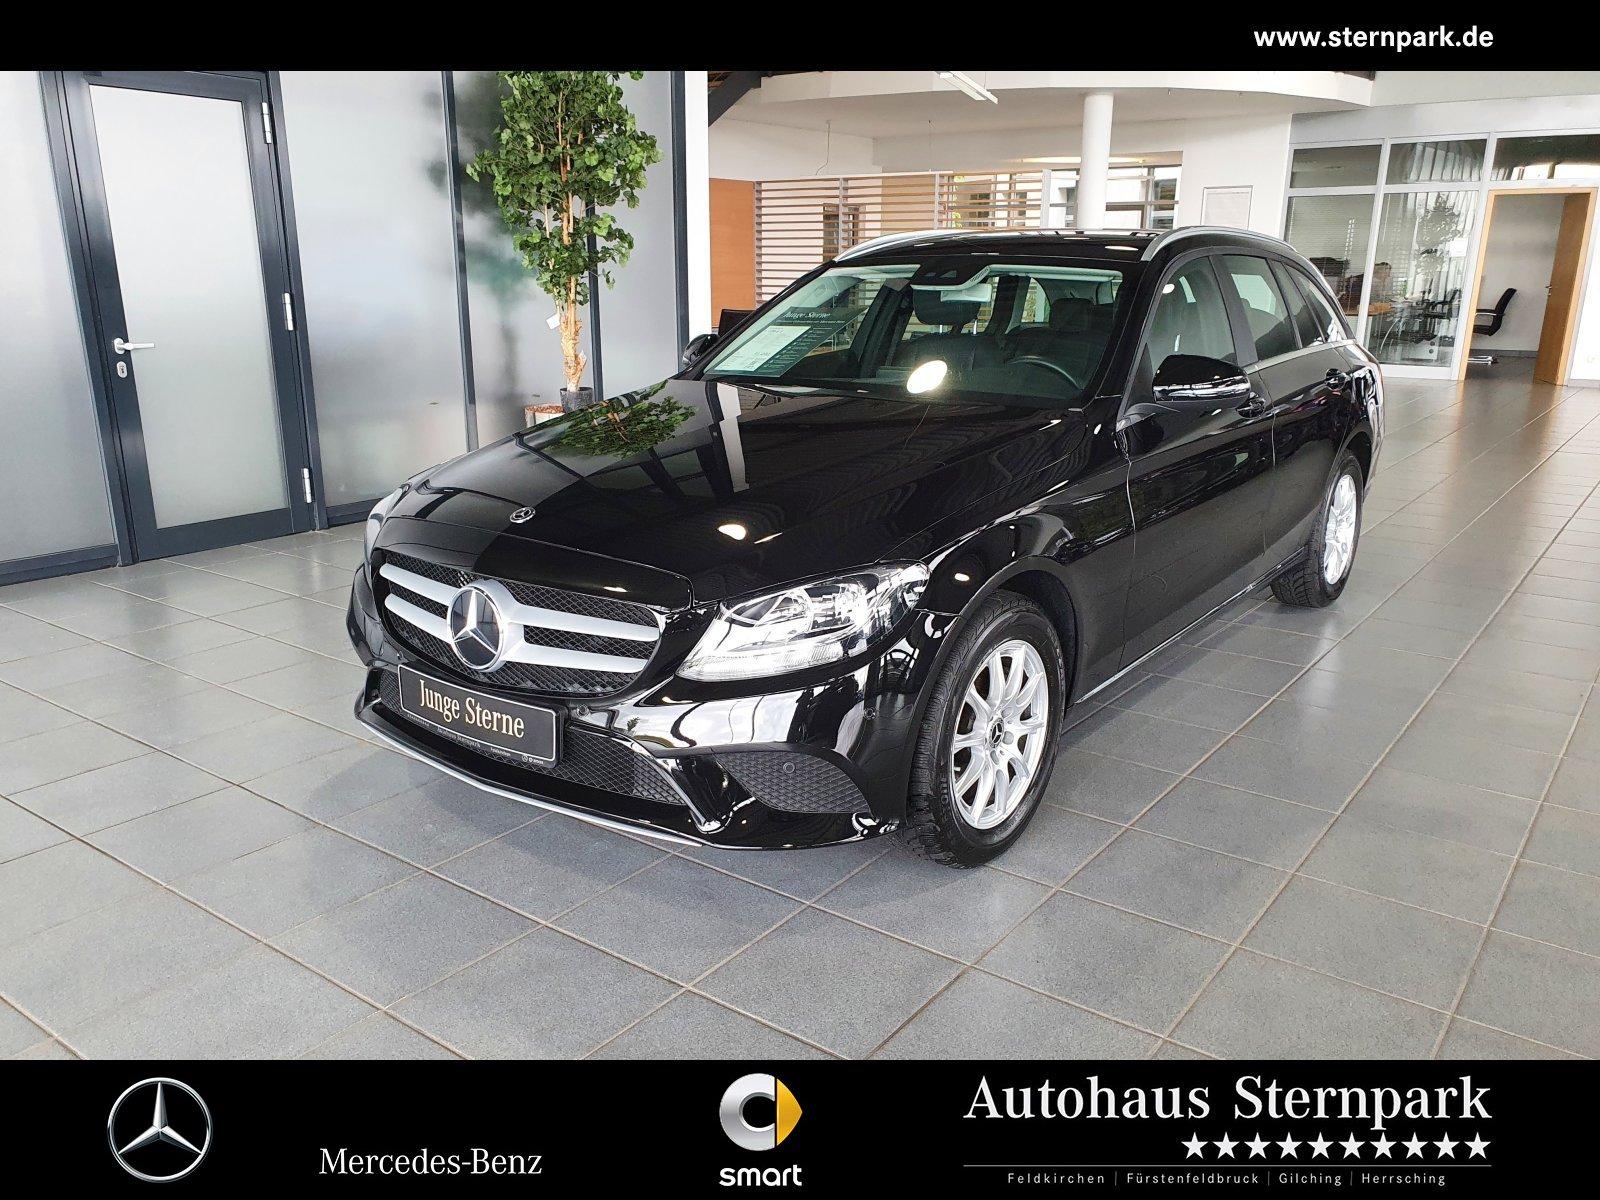 Mercedes-Benz C 220 d T +Comand+STH+Kamera+Spur+Apple/Android+, Jahr 2019, Diesel